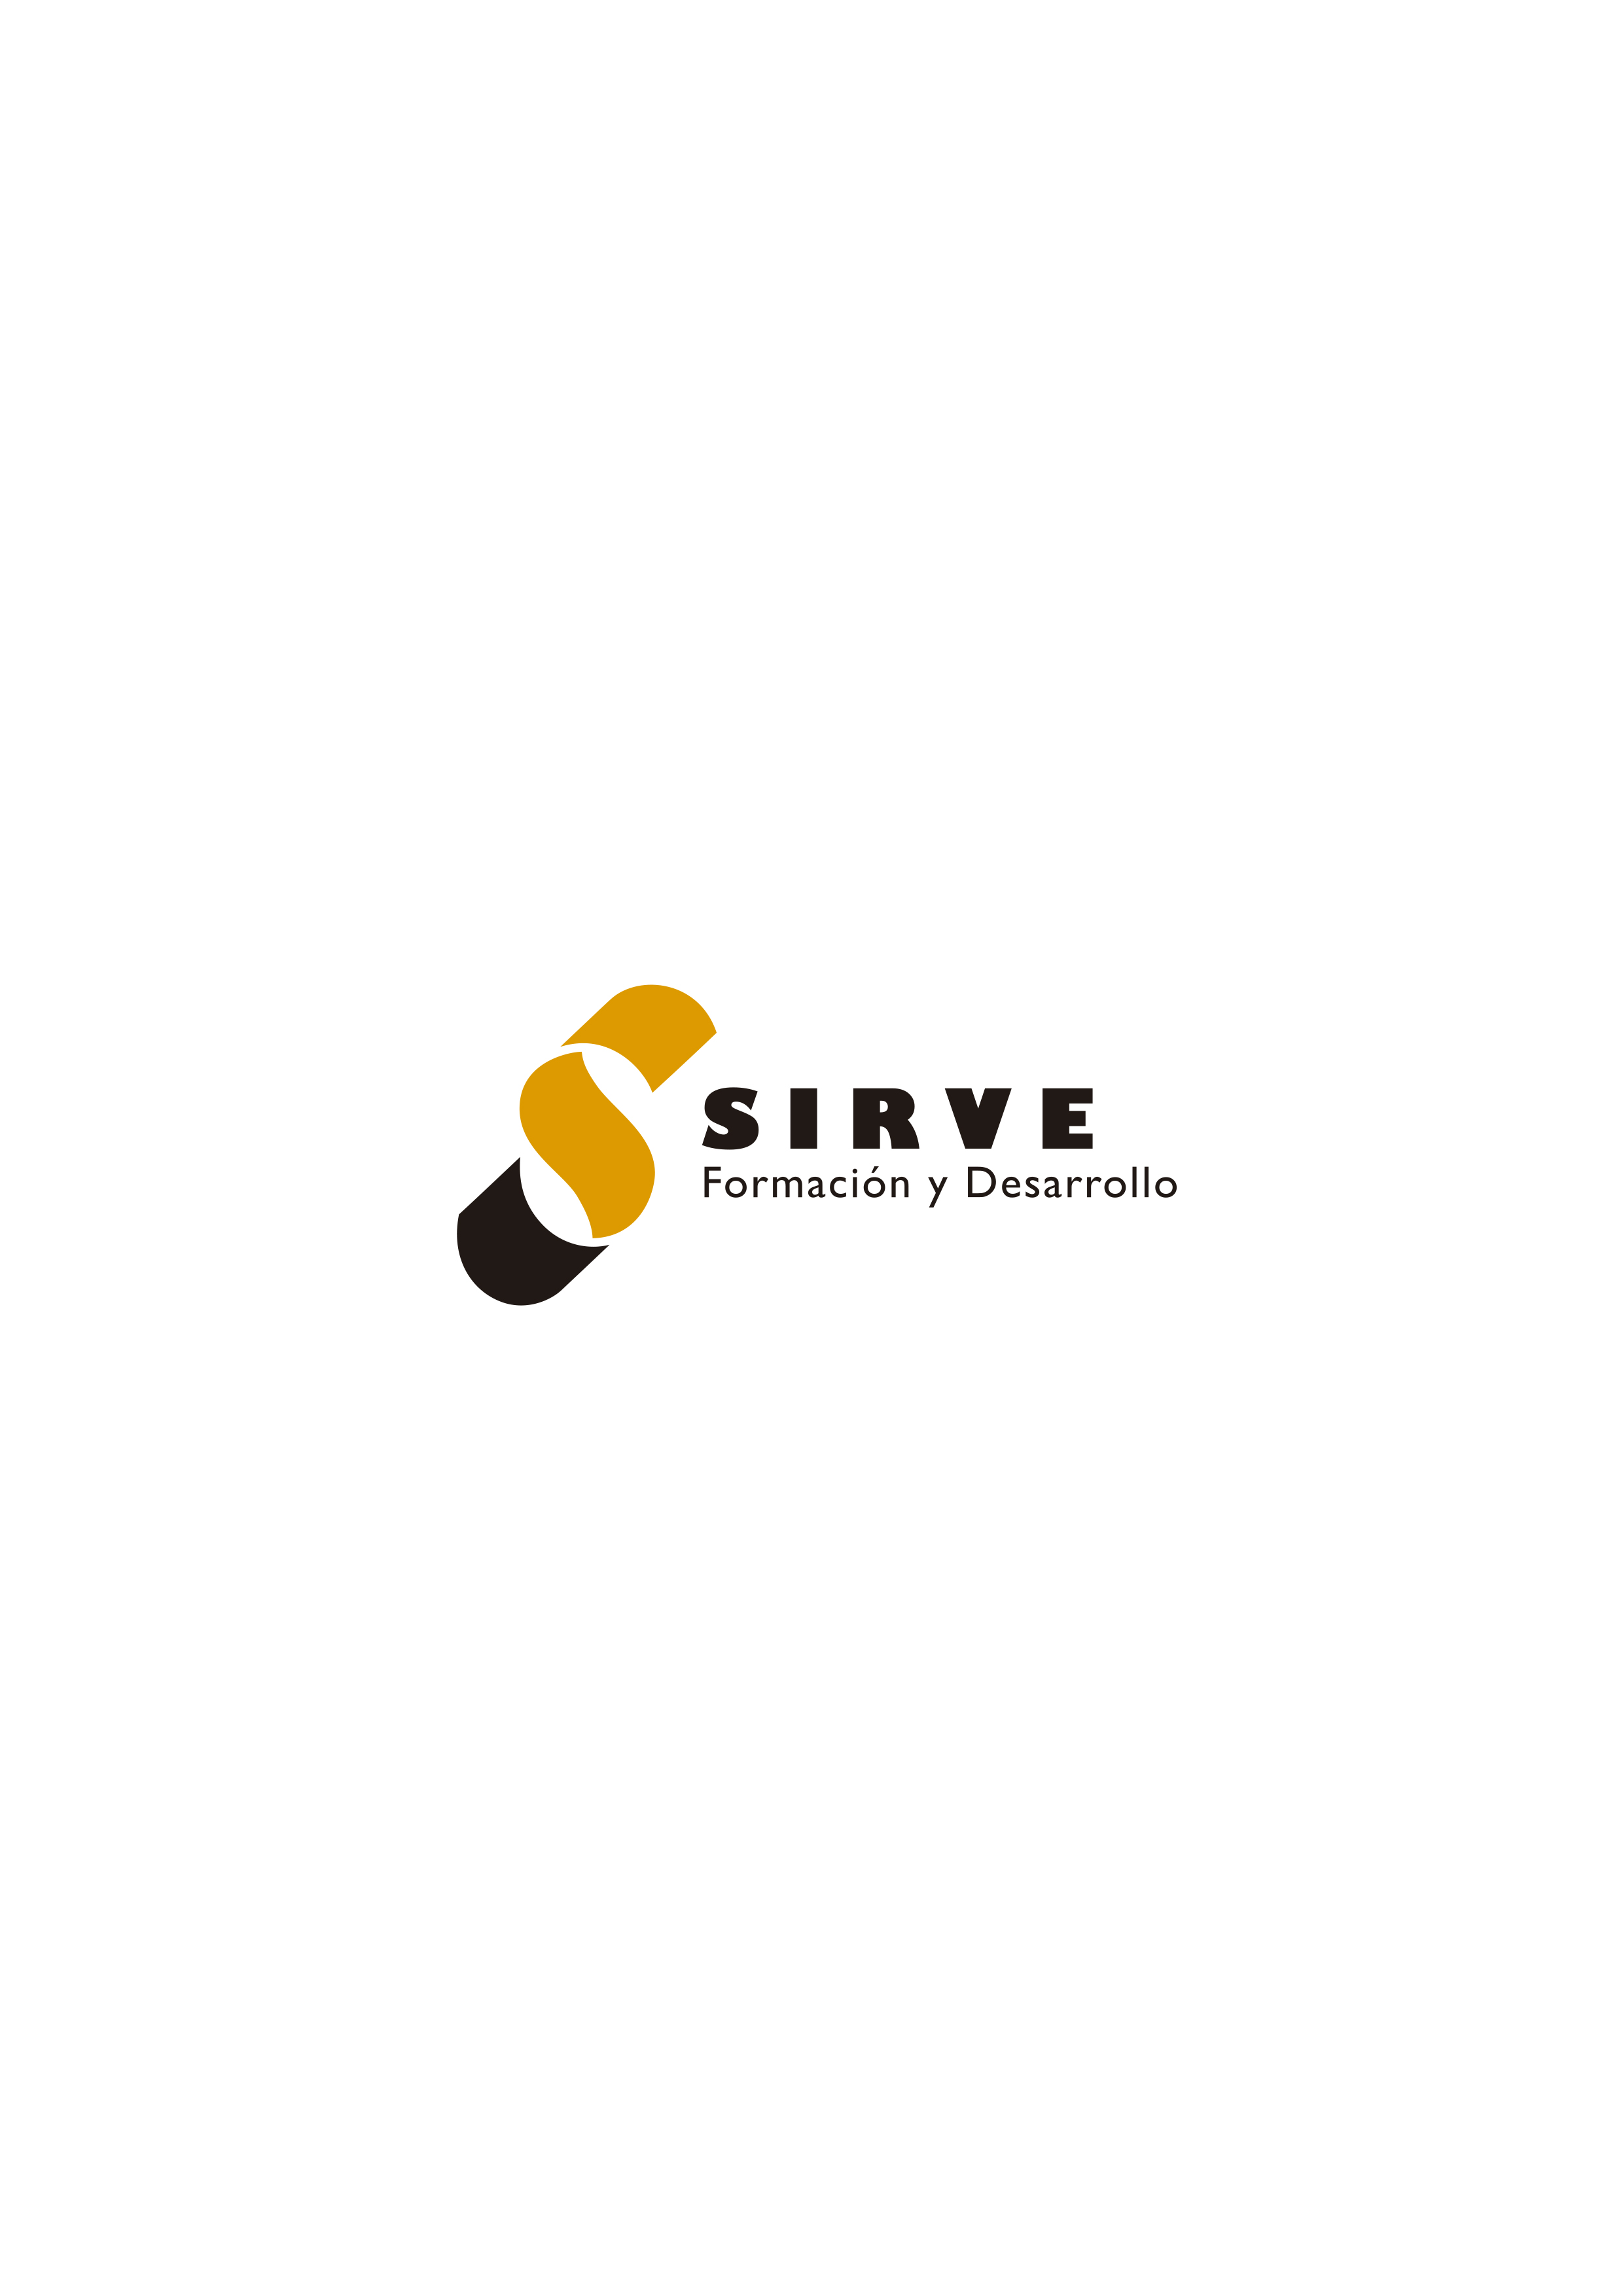 Logotipo para empresa 'Sirve, Formación y Desarrollo'